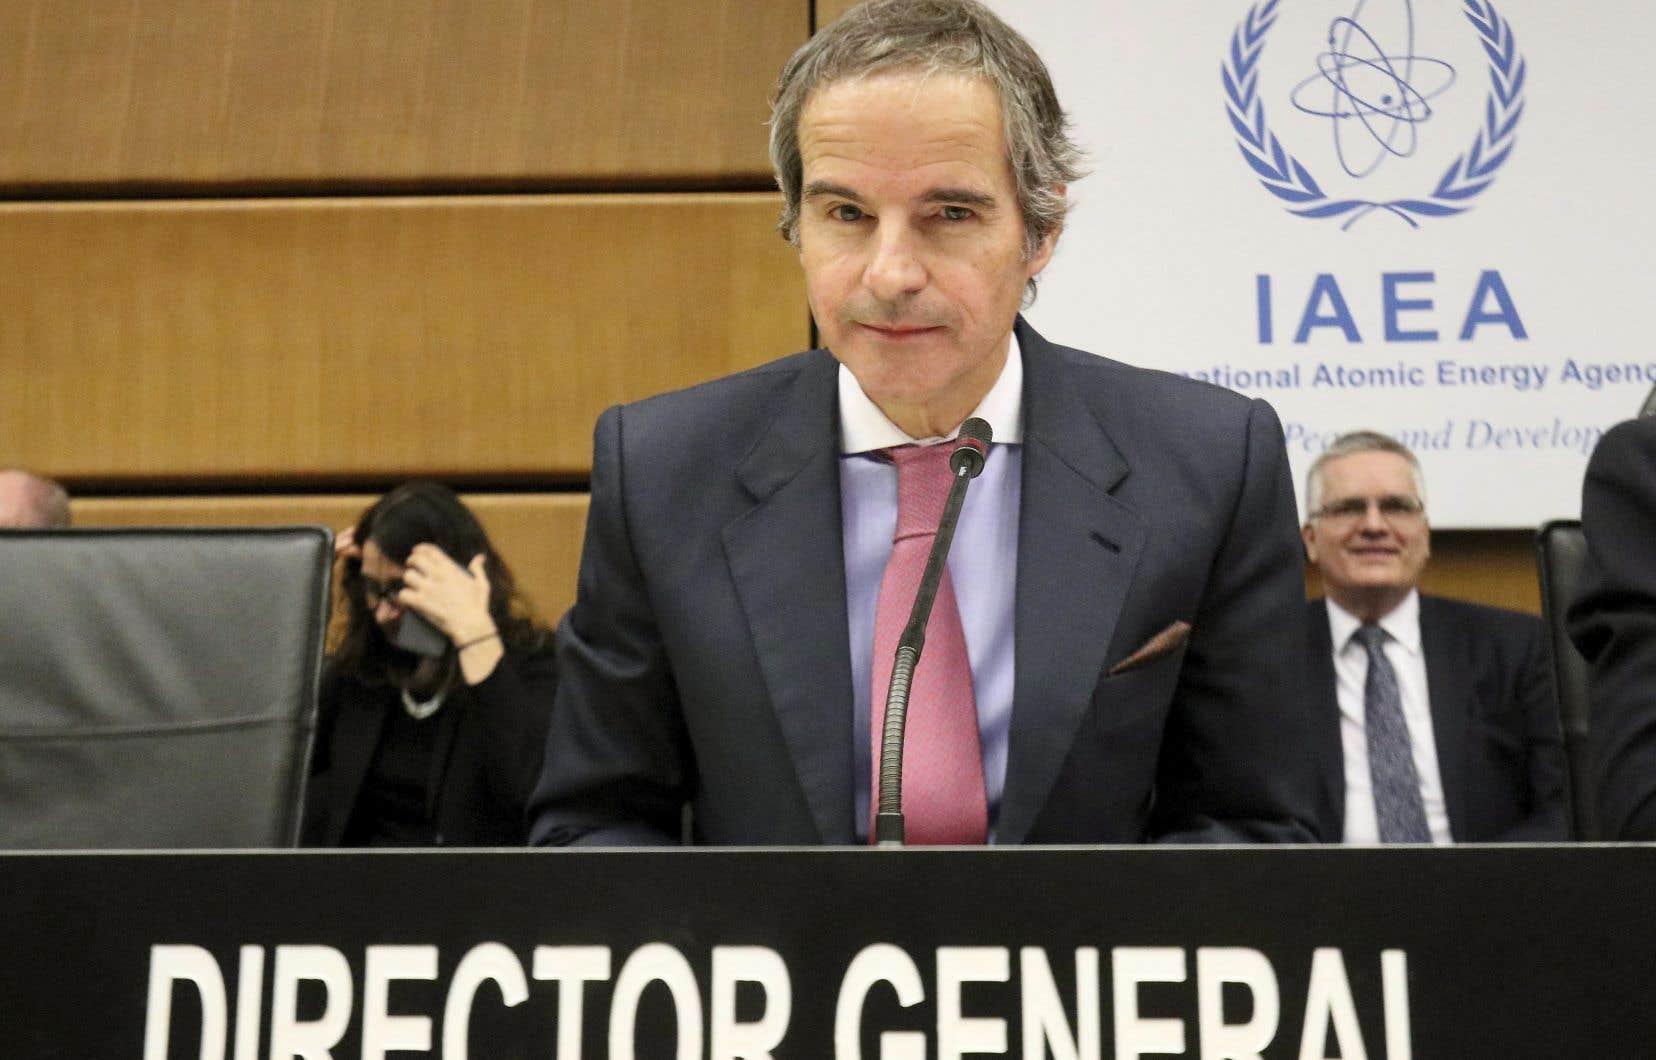 Le directeur général de l'Agence internationale de l'énergie atomique, Rafael Mariano Grossi